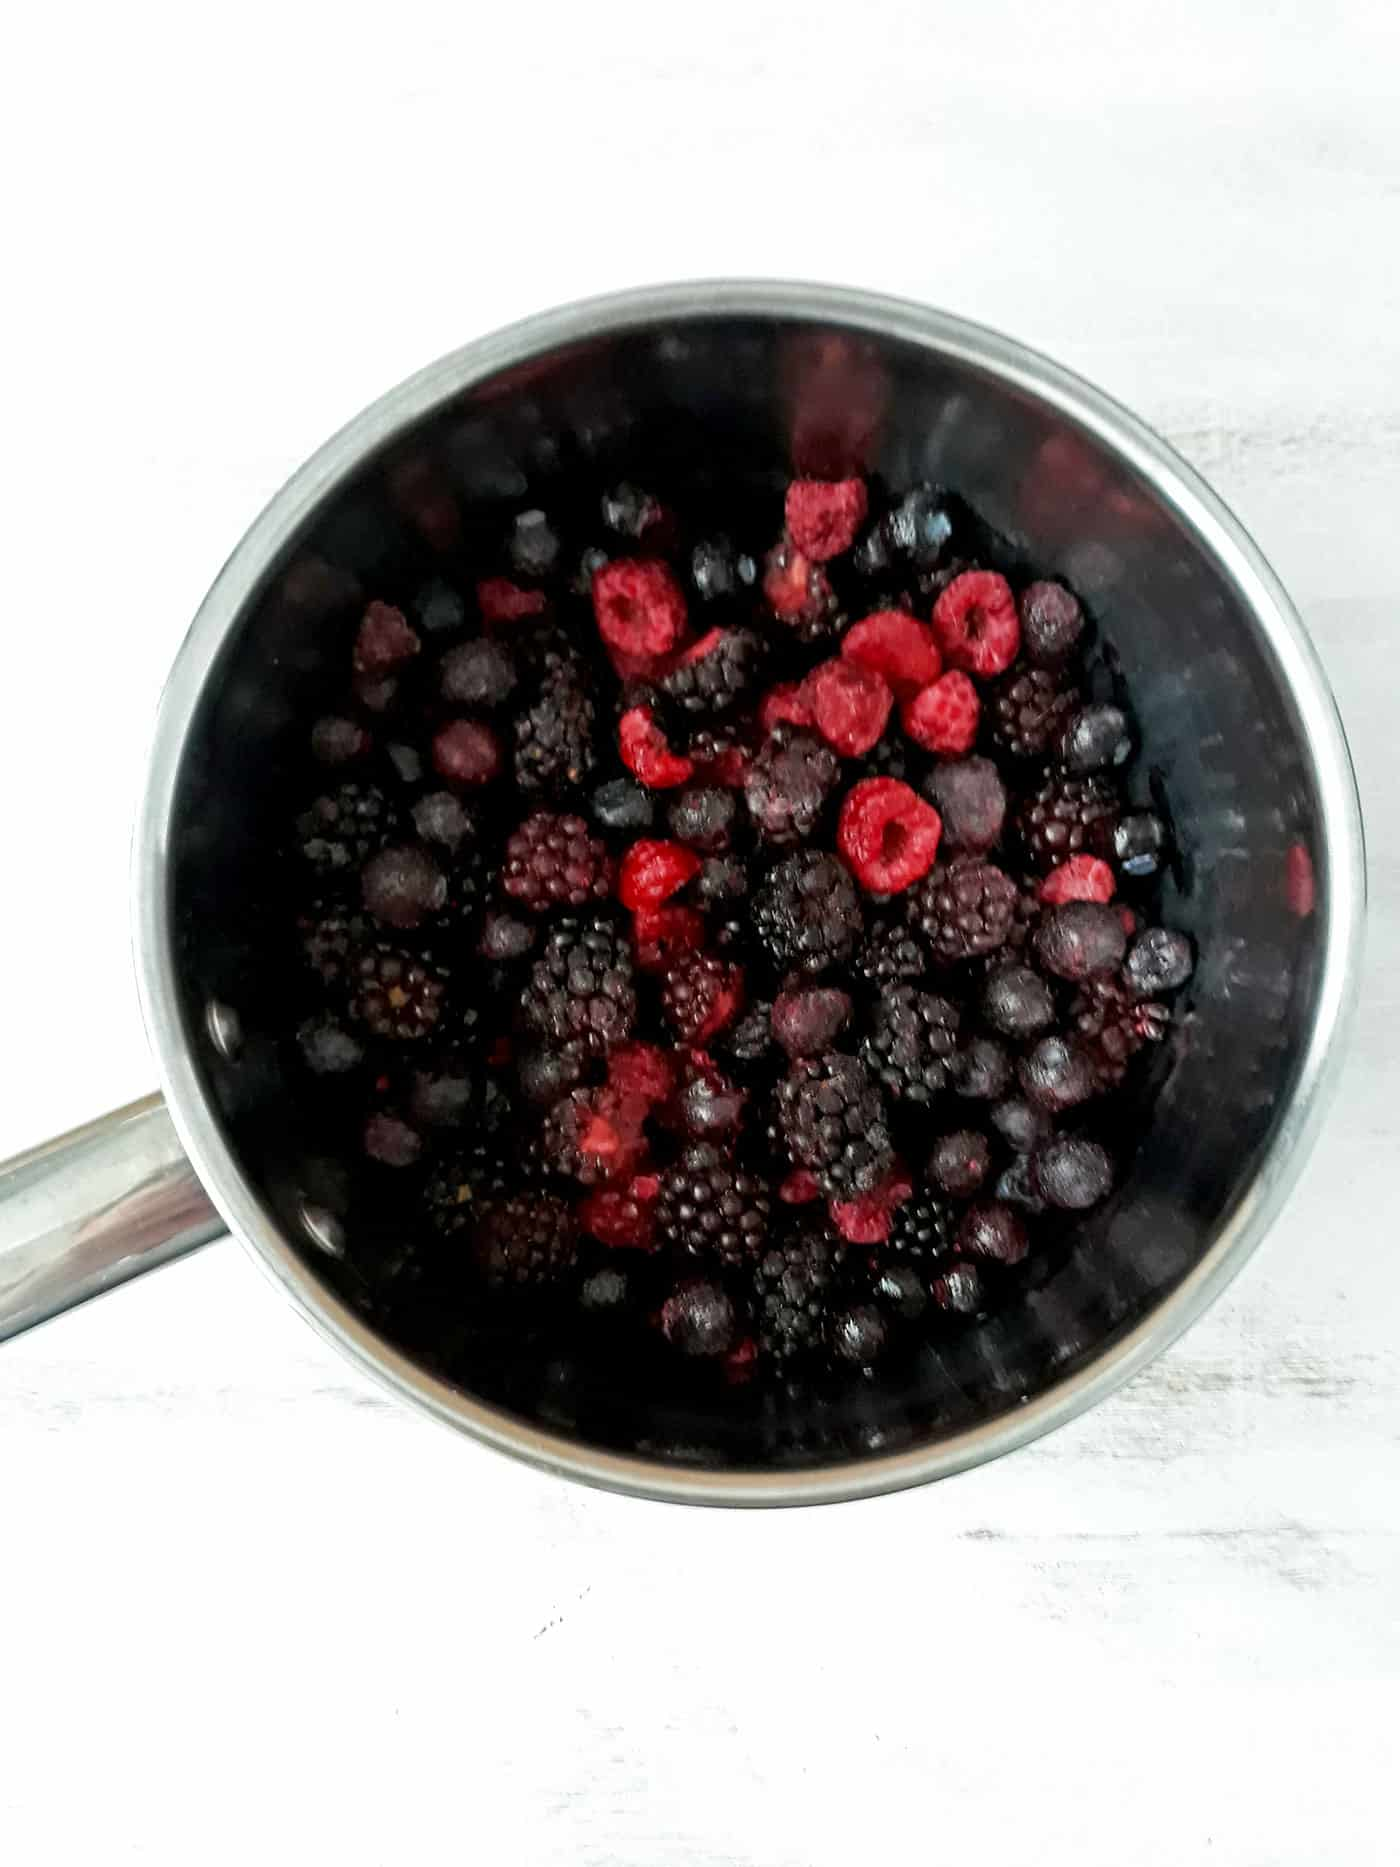 olla con frutos rojos congelados